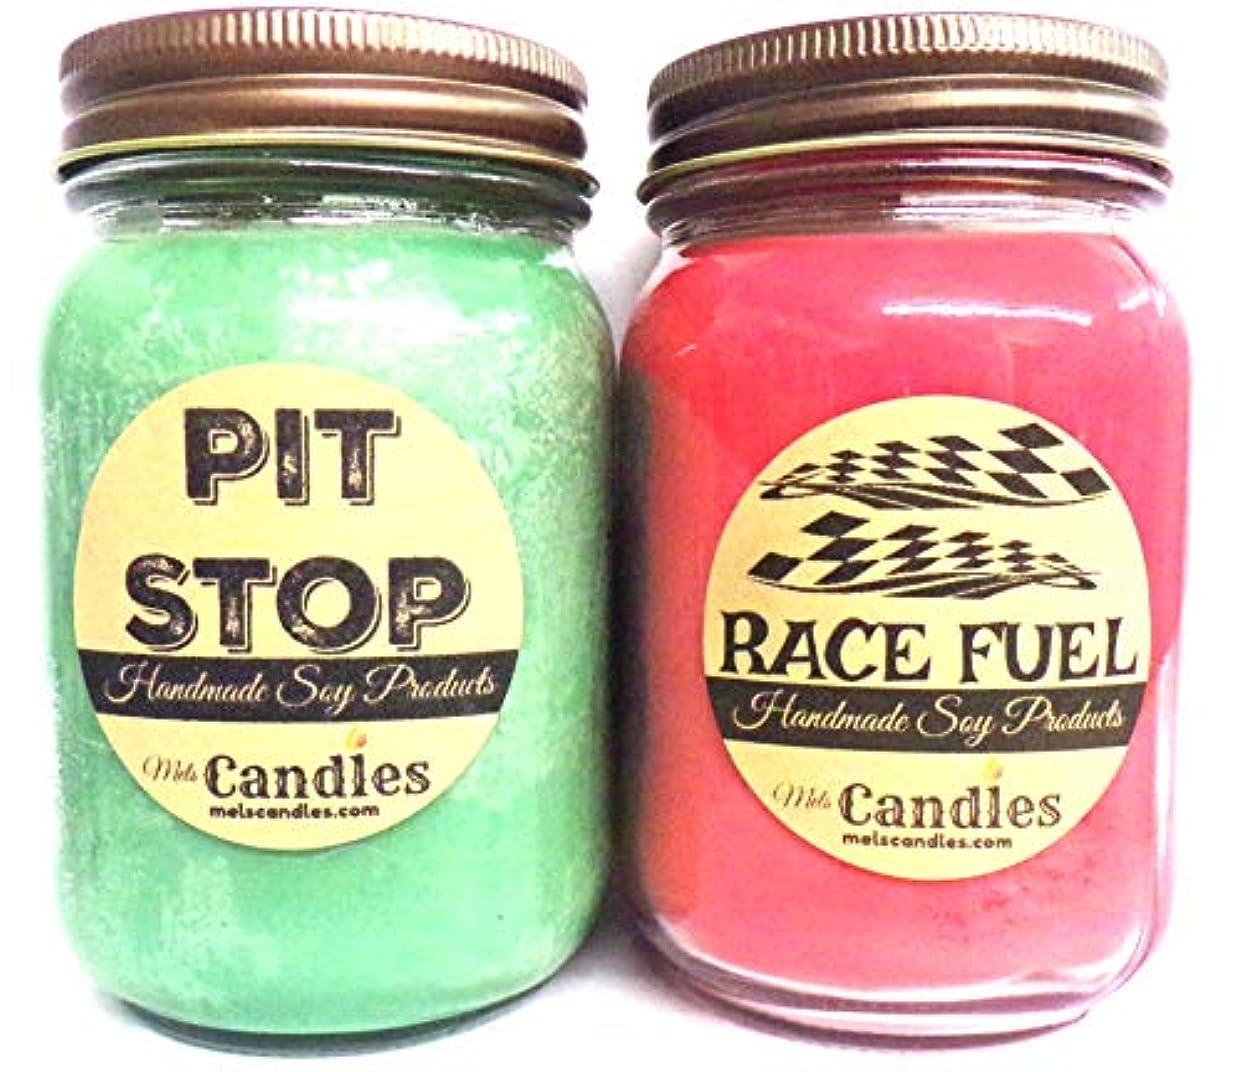 不規則性汚染するその間コンボ – Pit Stop & Race燃料のセット2つ16oz国Jar大豆キャンドルGreat Unique Scents for Men